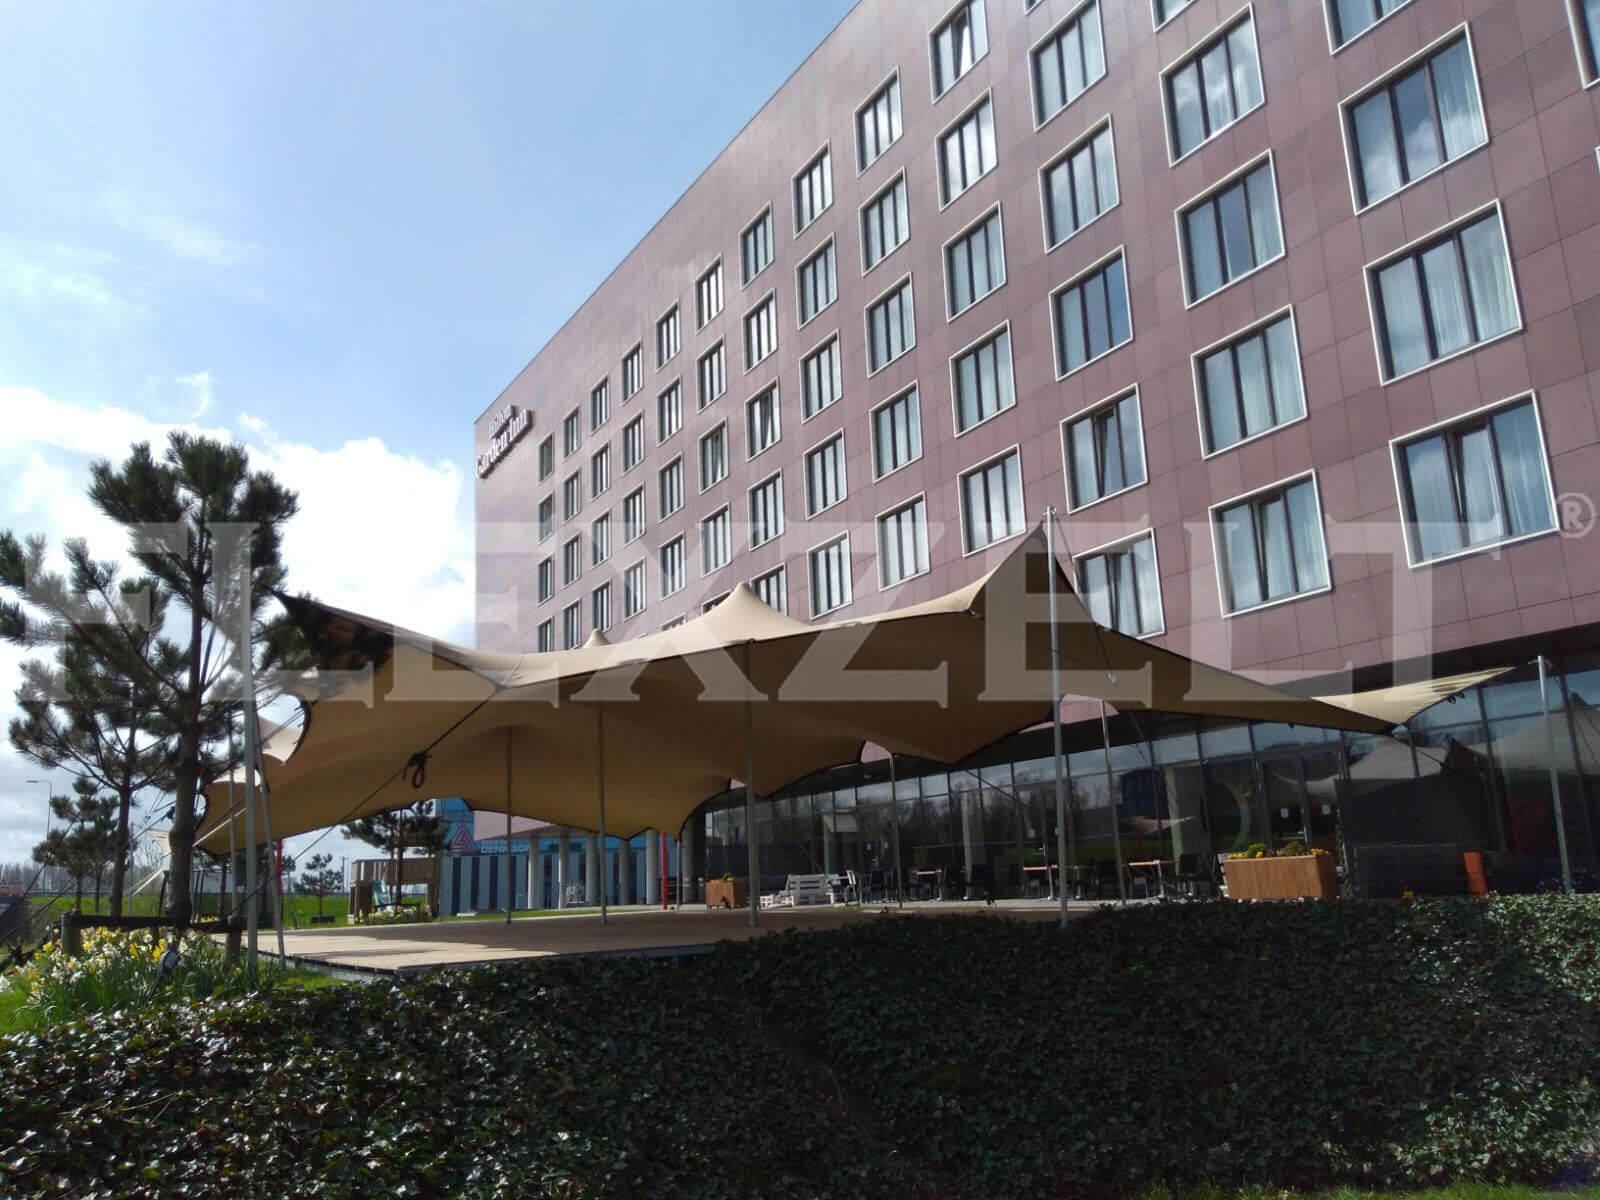 Flexzelt - Flextent - Hotel Hilton - Events